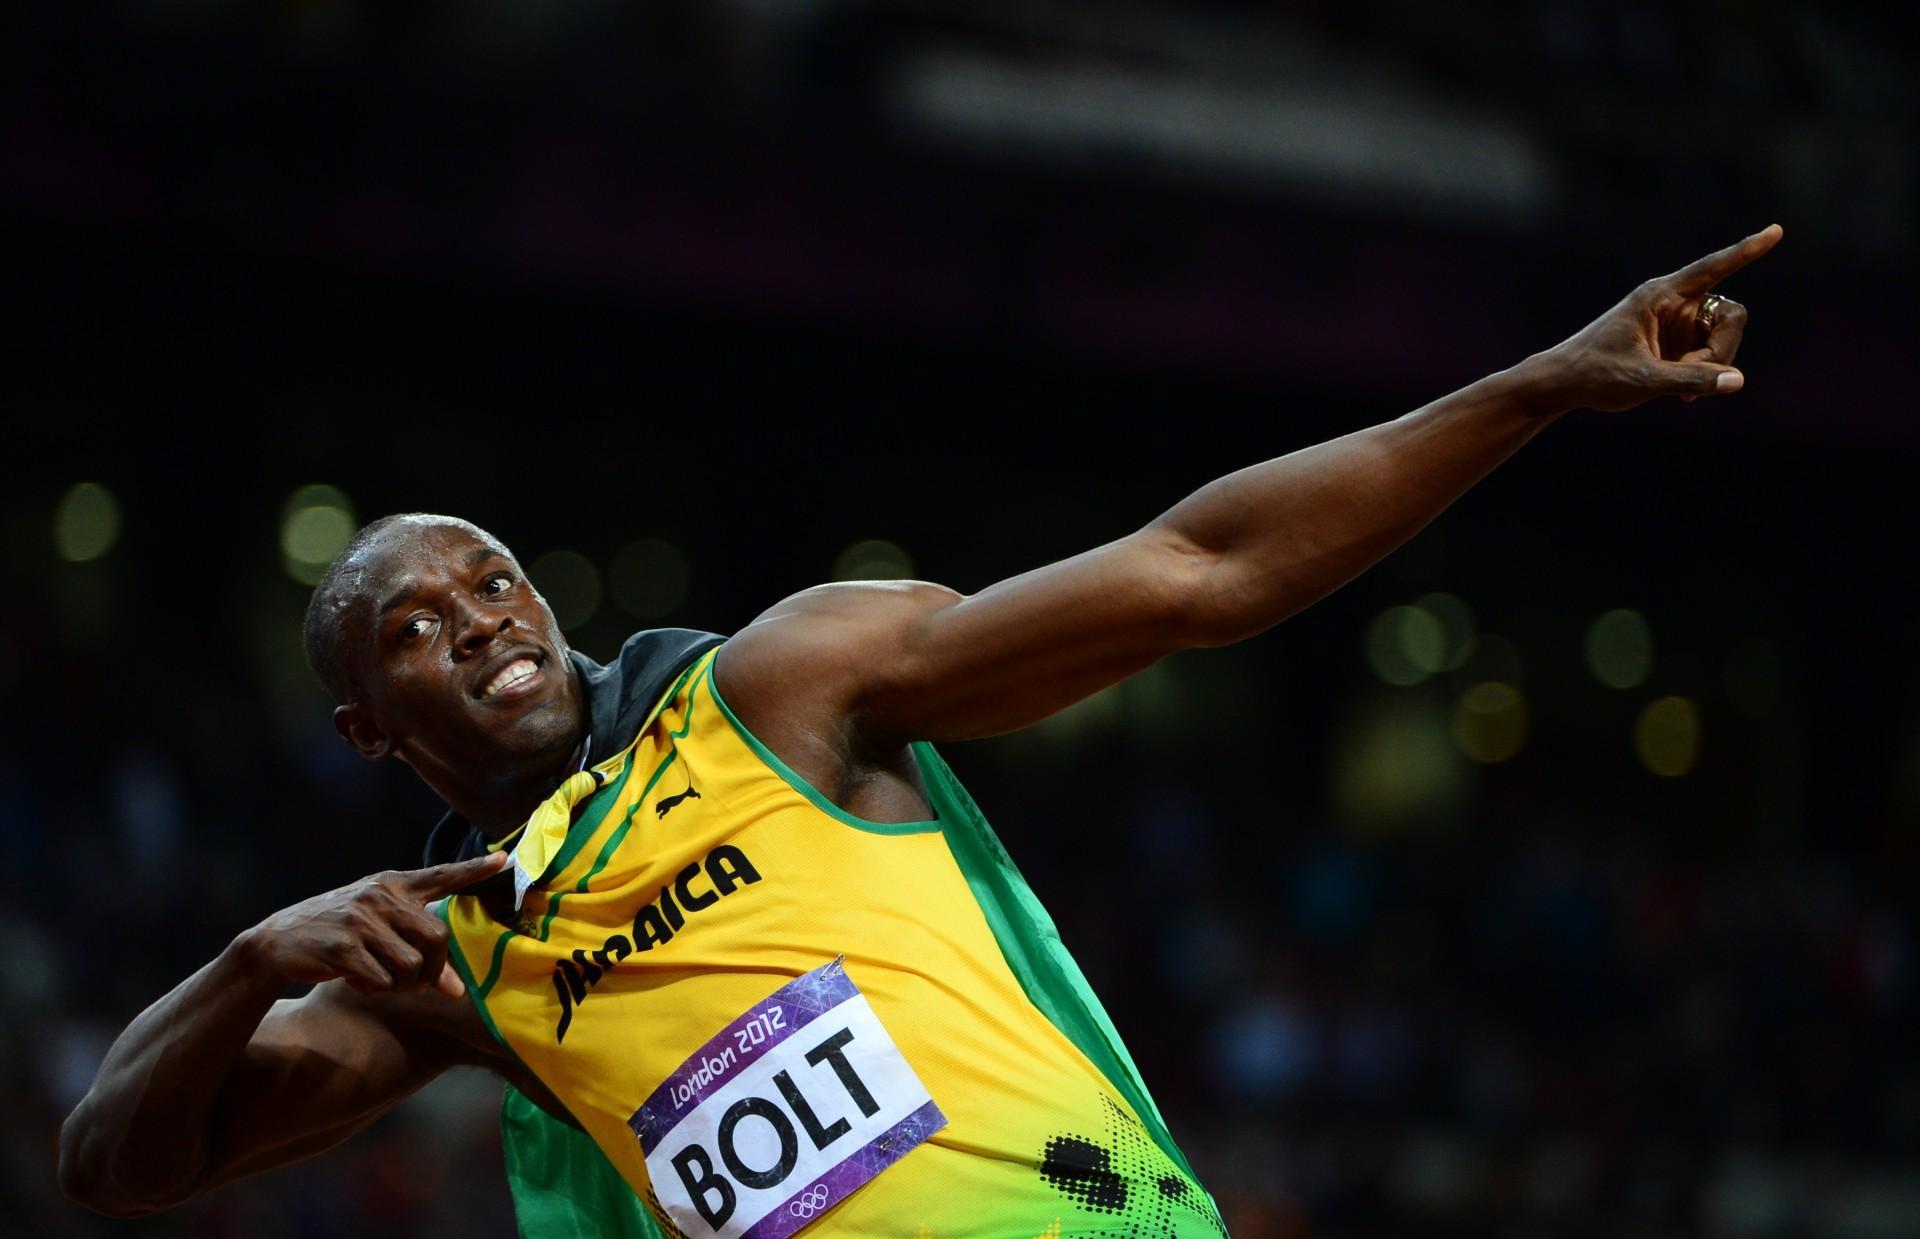 Corredor olímpico, Ulsan Bolt, nas competições de Londres(Foto: Foto: AFP)